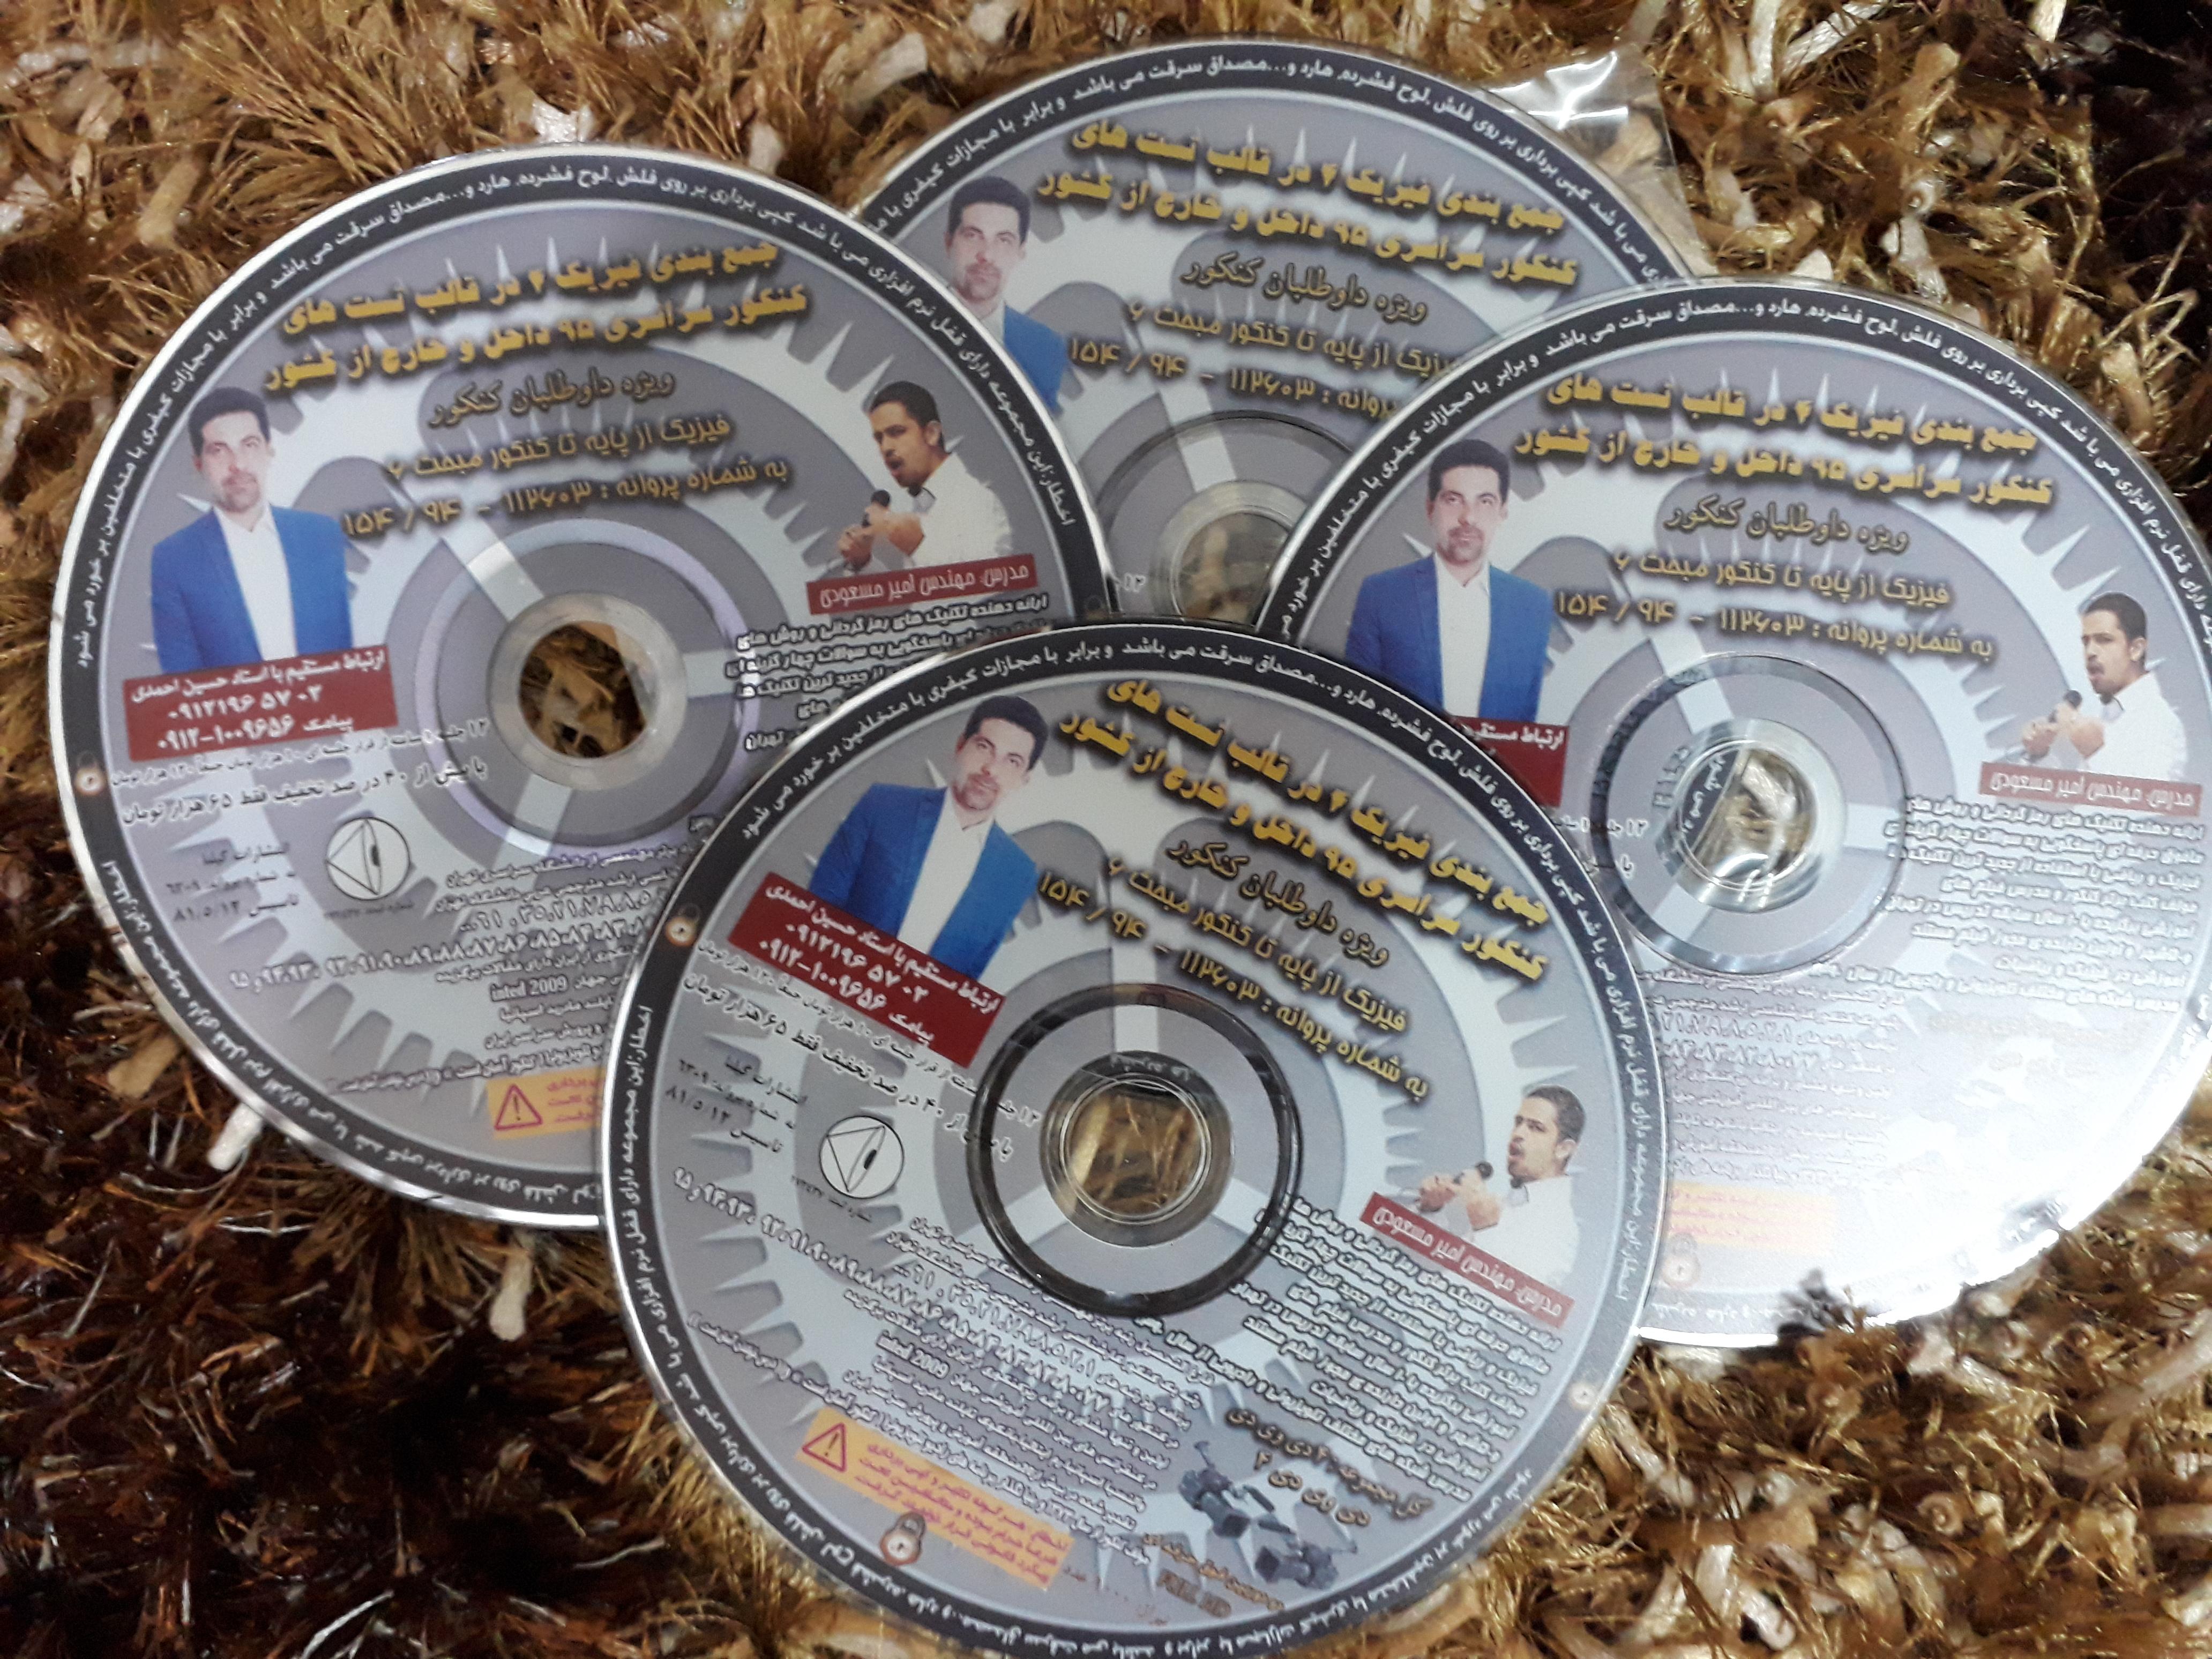 فروش ویژه دی وی های کنکور 97